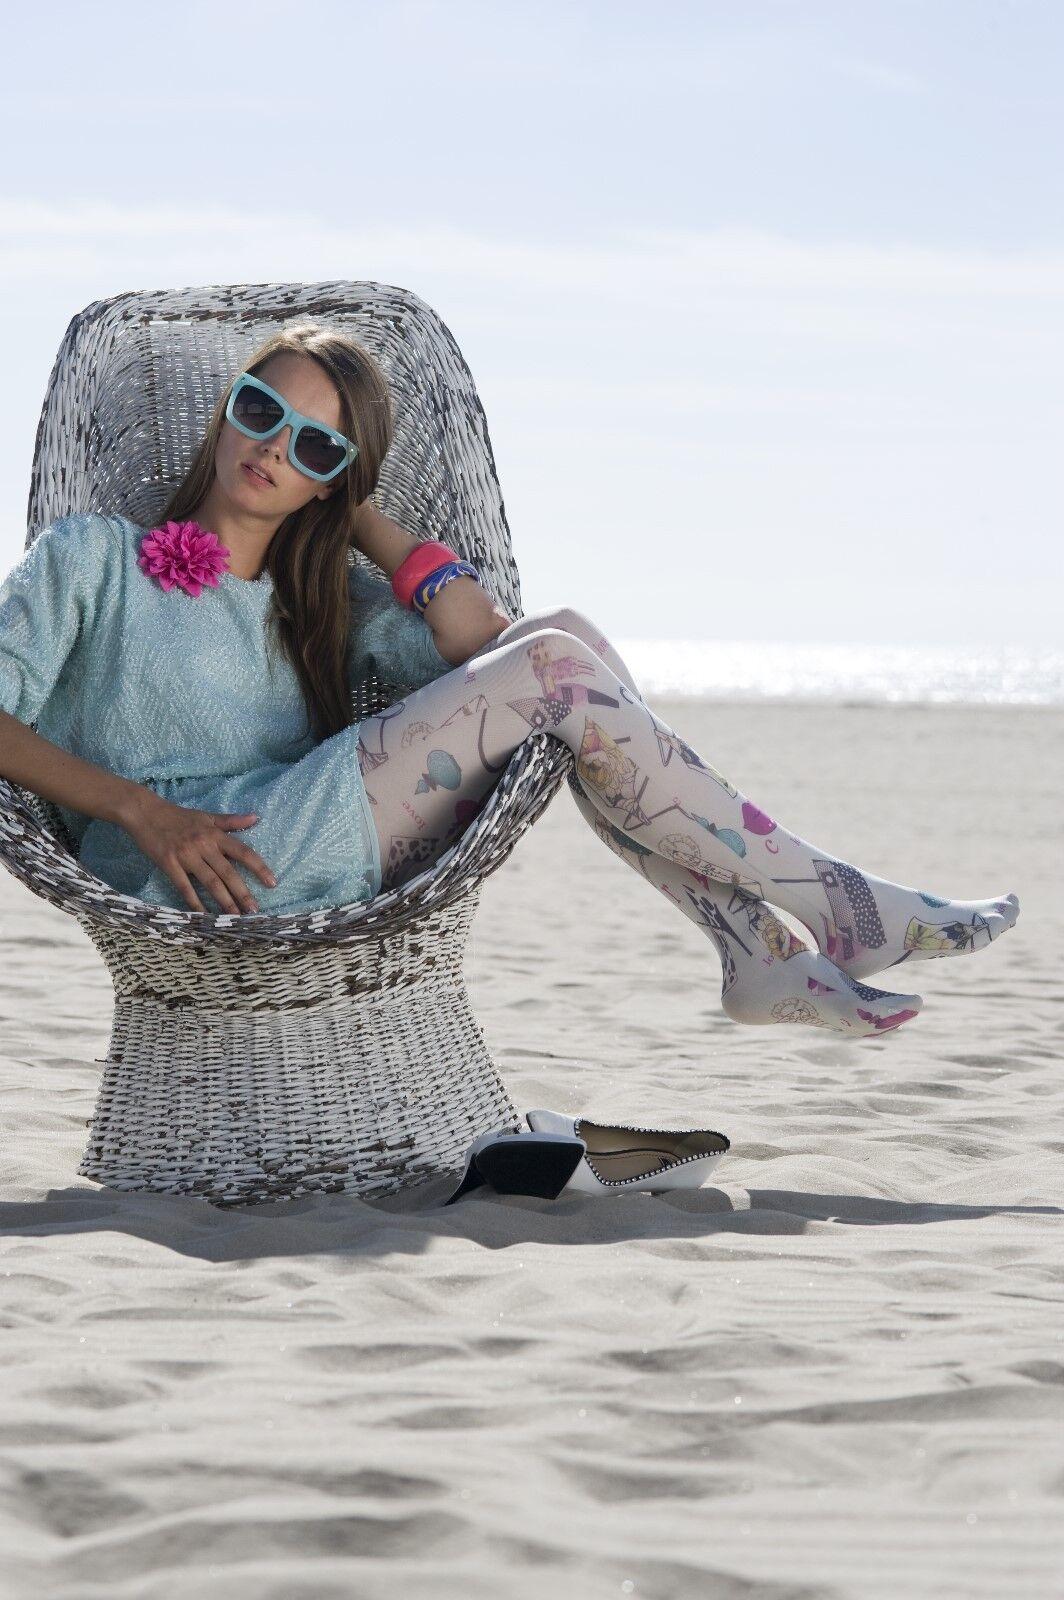 Bonnie Doon Strumpfhose Modell: GET DRESSED TIGHTS Gr. S Neu 50 DEN